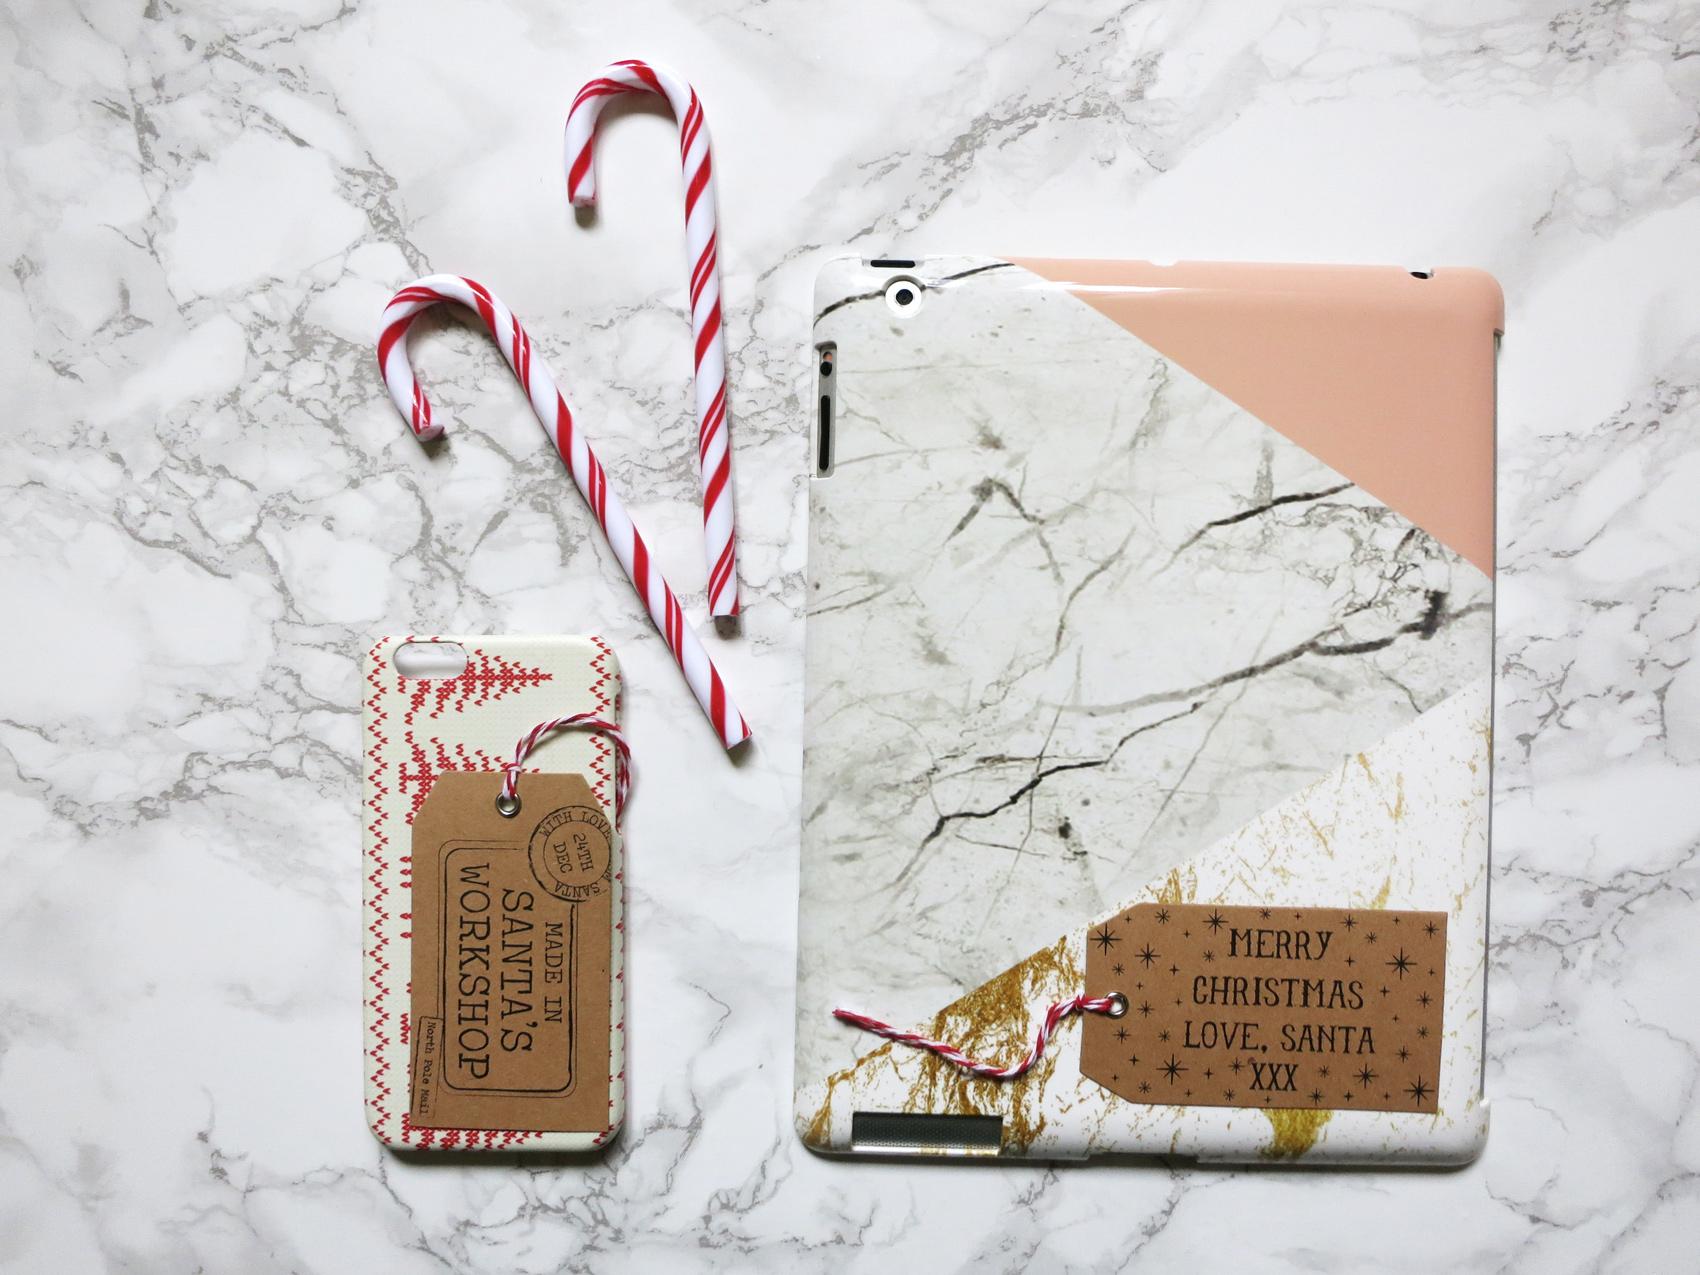 Xmas with Caseapp, custom cases